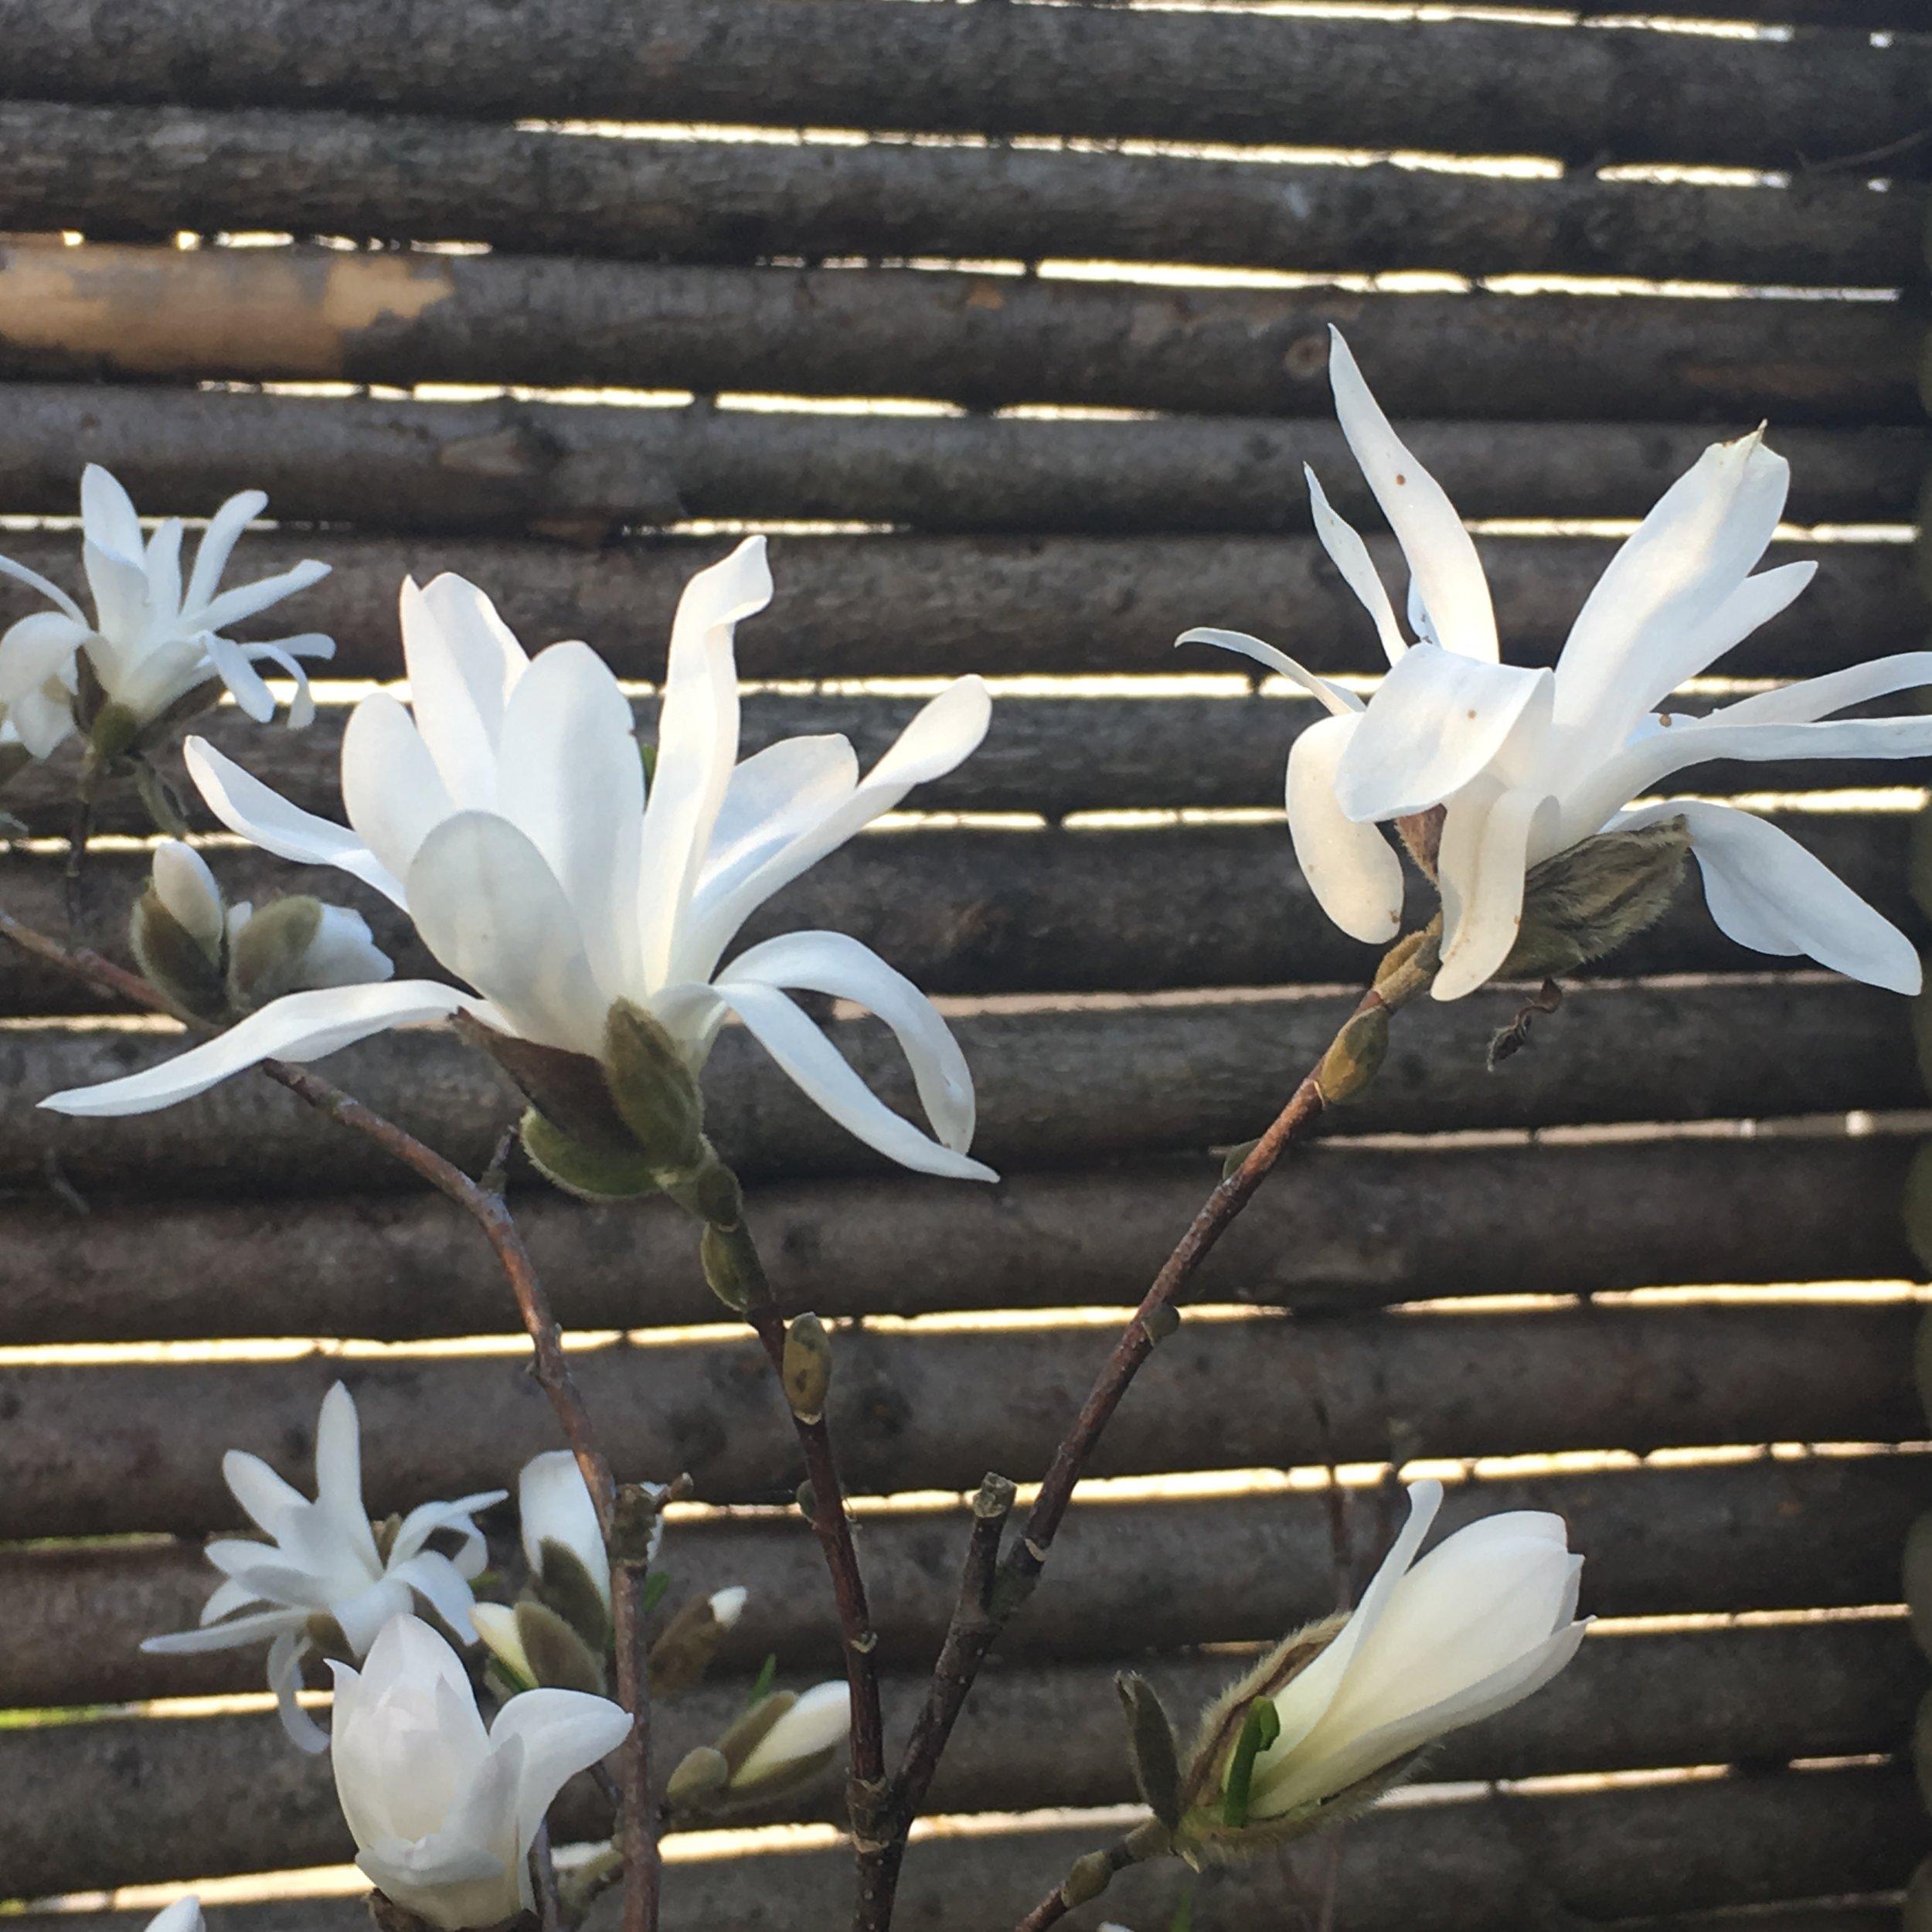 Ok. Hvis du absolut må have en magnolie, så køb en stjernemagnolie. De bliver ikke så store og kan agere højde i et blomsterbed. Jeg har faktisk også en af dem. Også deres lokkesang fik mig.  Hvis du vil være sikker på ikke at gå glip af noget som helst, kan du scrolle ned på siden og skrive dig på mailinglisten, så får du et plim i mailboksen, når der er nyt her på bloggen.  Du kan også følge med på Instagram, hvor der er billeder fra haven sådan cirka hver dag. Her hedder jeg  @sorte.negle.   Endelig kan du være så flink at stemme på Sorte Negle, der er nomineret til Årets Haveblog af Haveselskabet.  Det kan du gøre her  - du behøver ikke stemme i alle kategorierne.